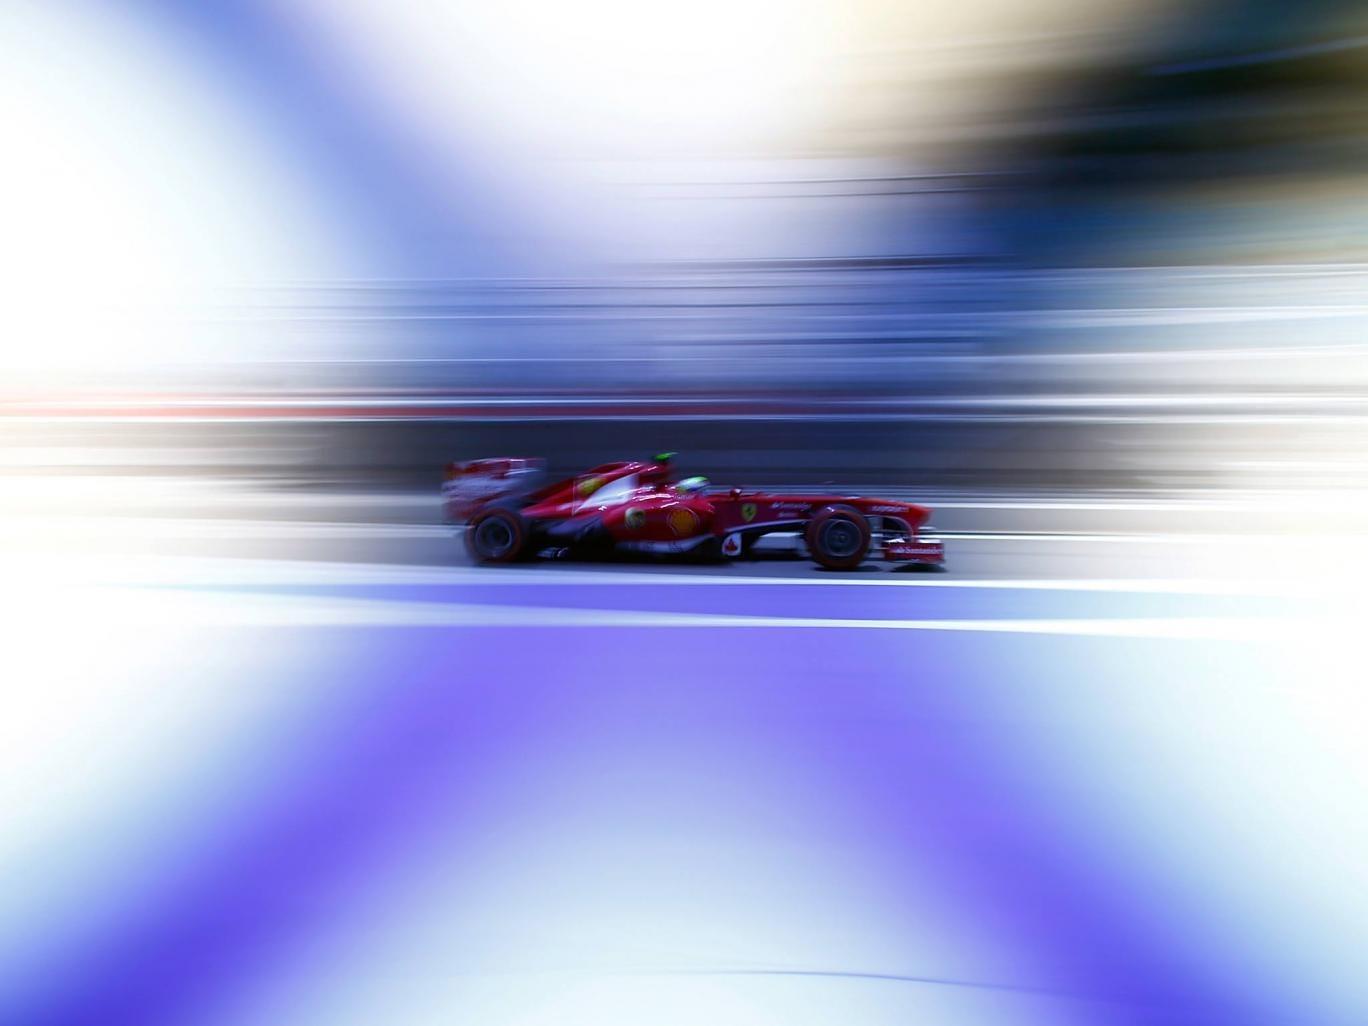 Felipe Massa at the Bahrain Grand Prix